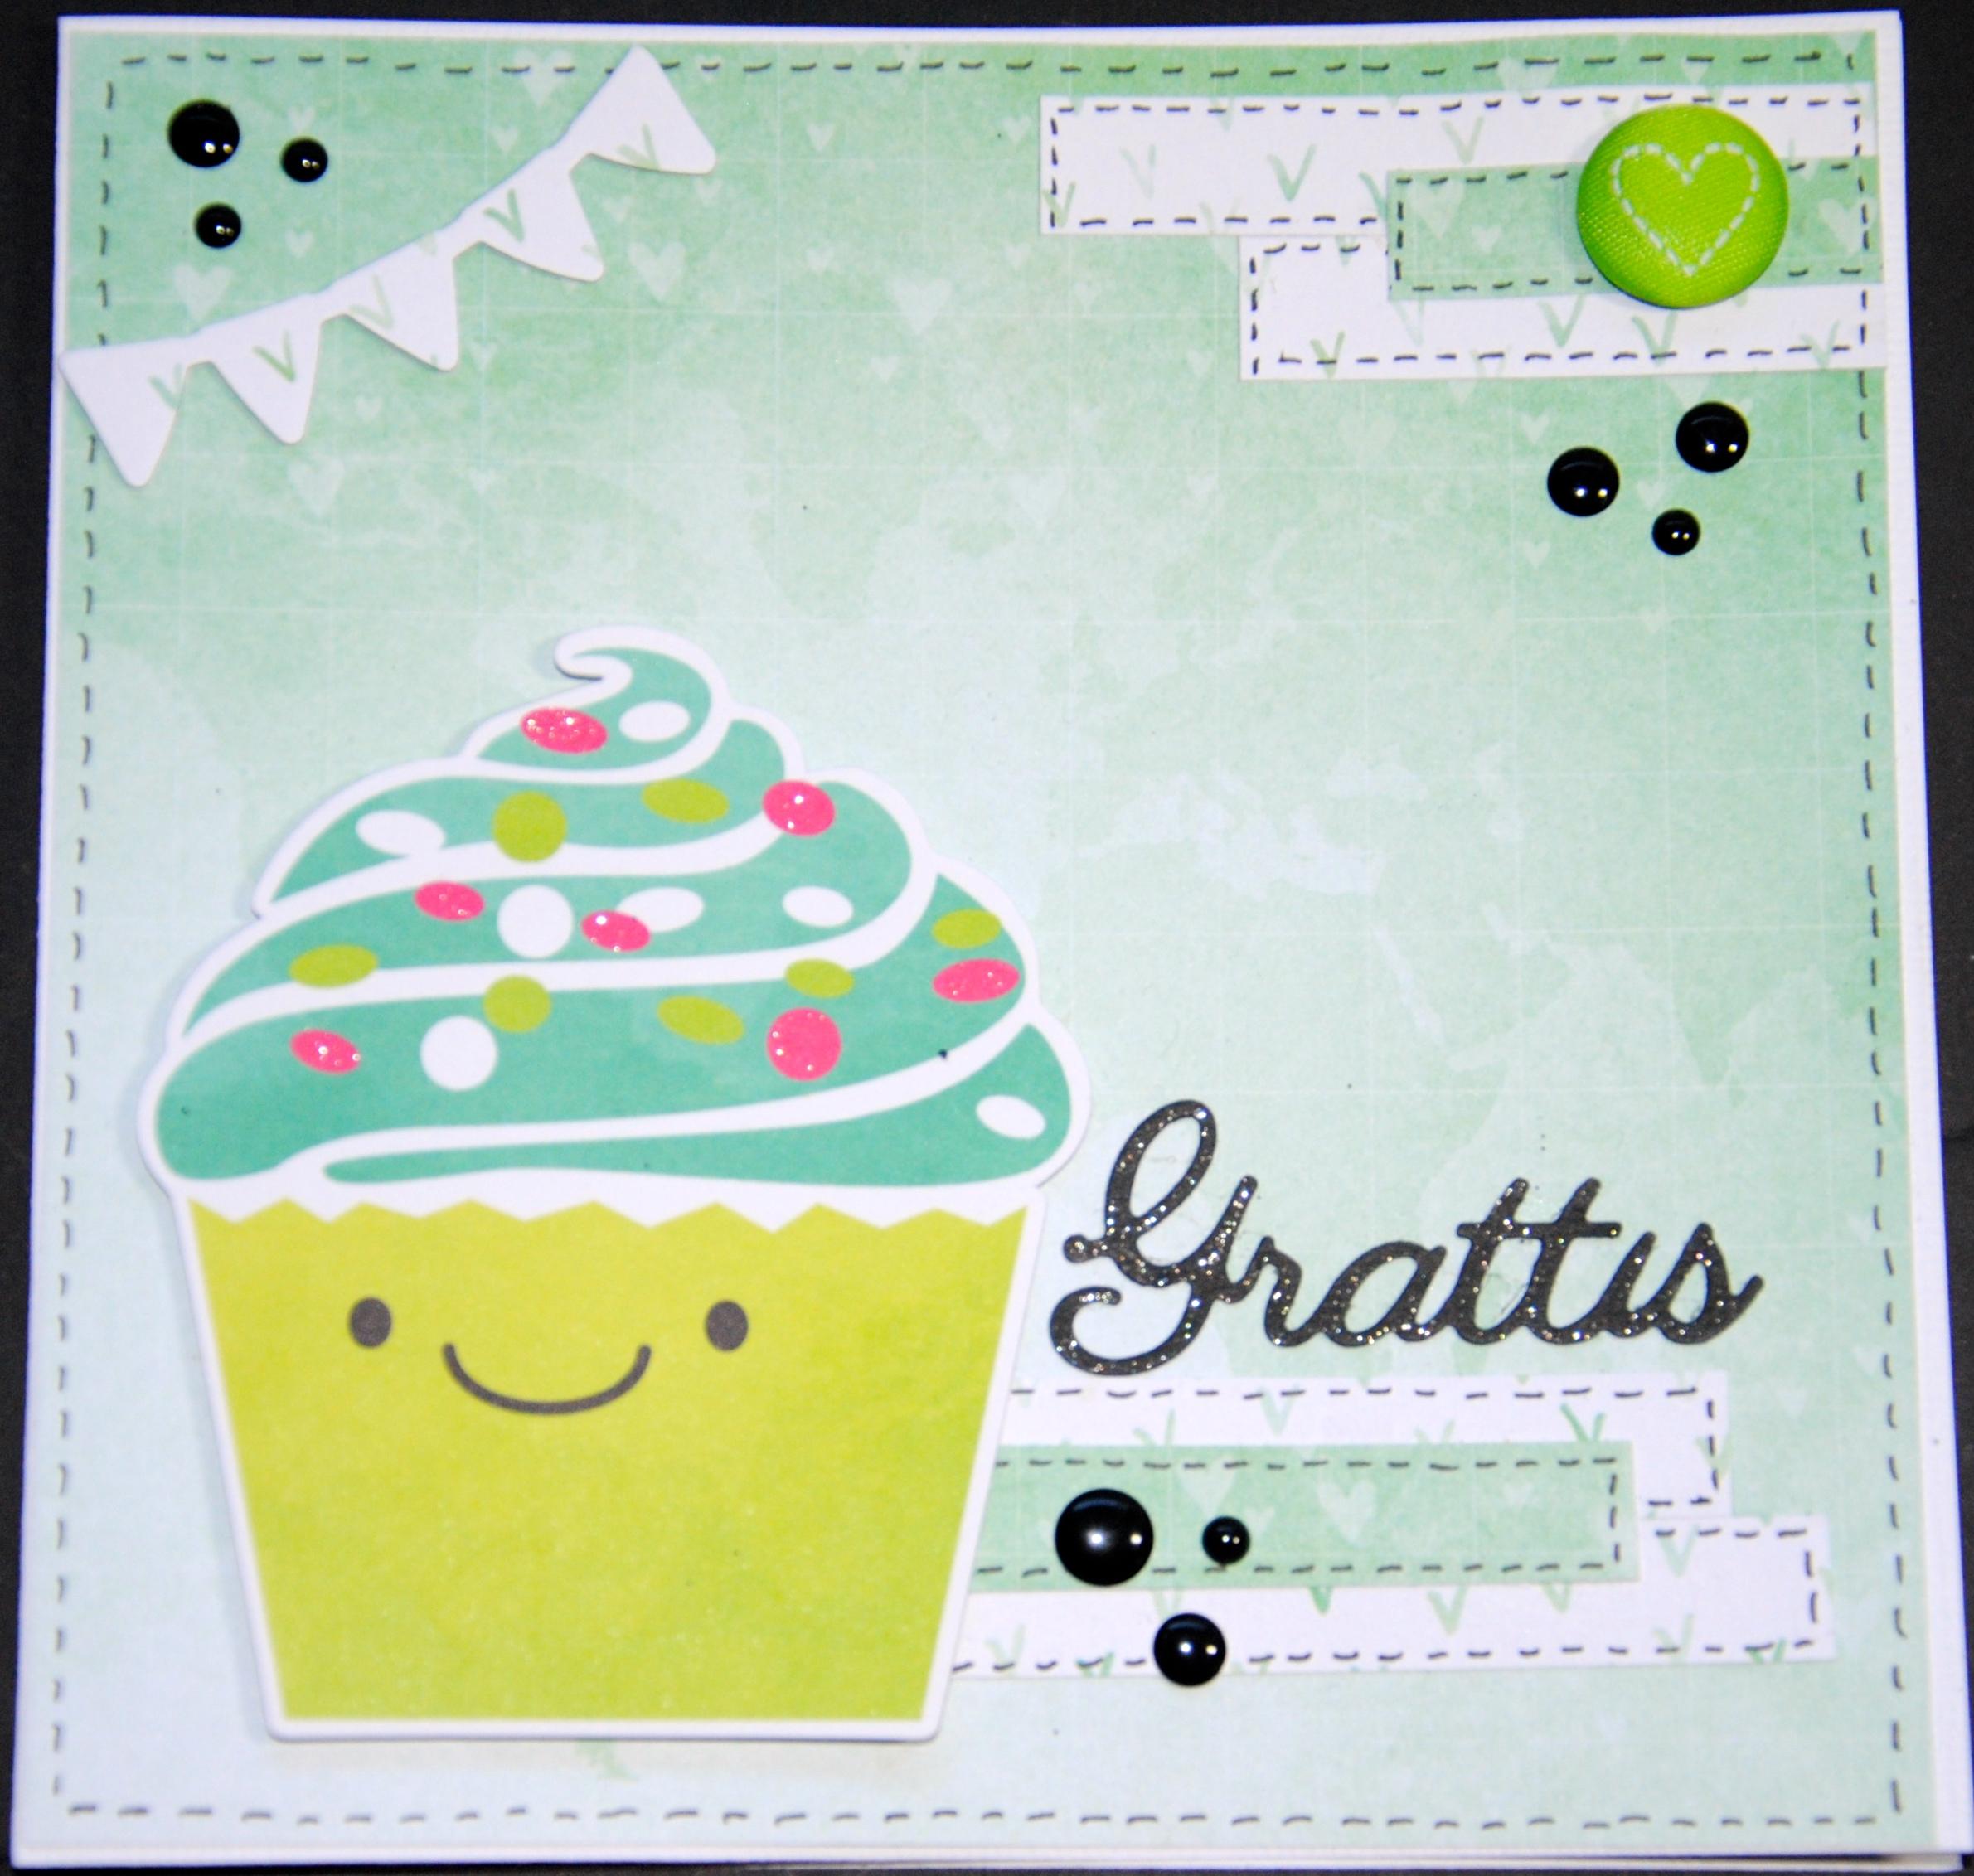 göra egna grattiskort Grattiskort med Cupcake | göra egna grattiskort